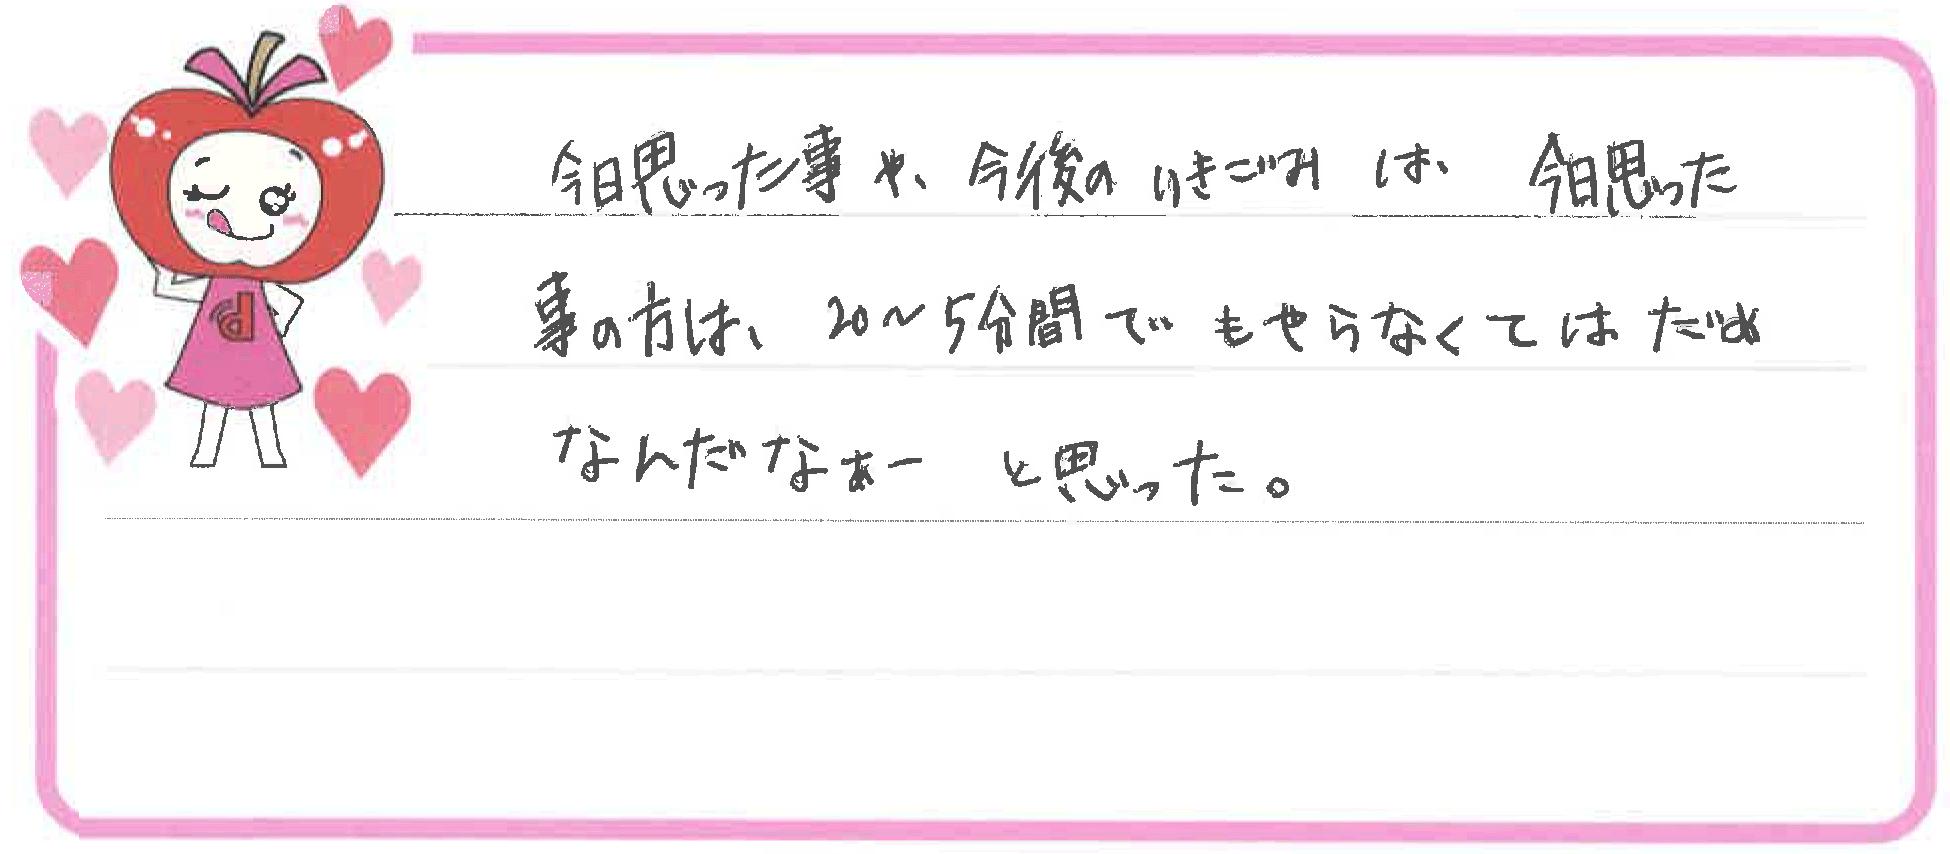 Sちゃん(赤磐市)からの口コミ